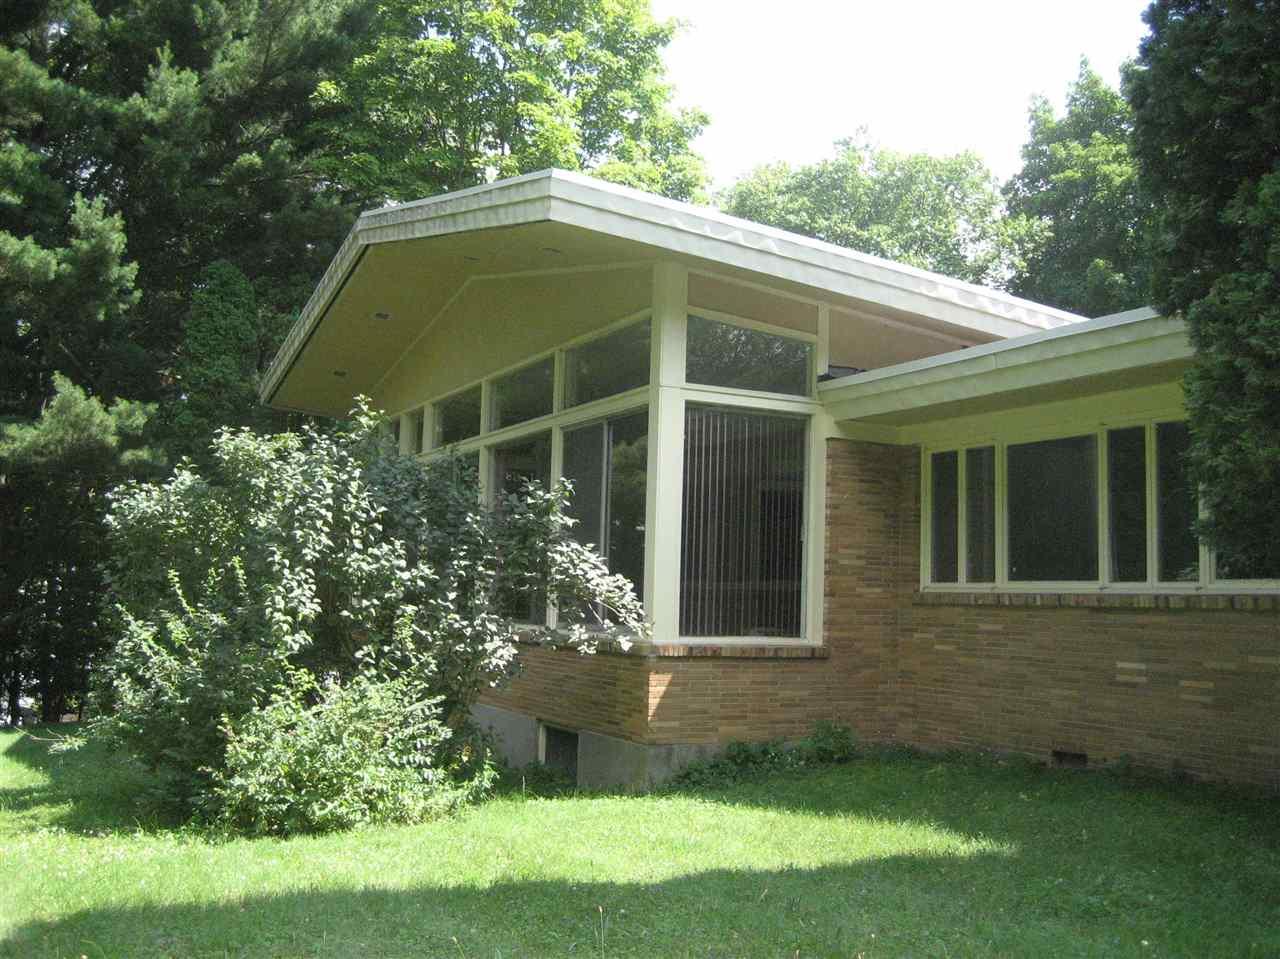 Real Estate for Sale, ListingId: 37220869, Woodridge,NY12789